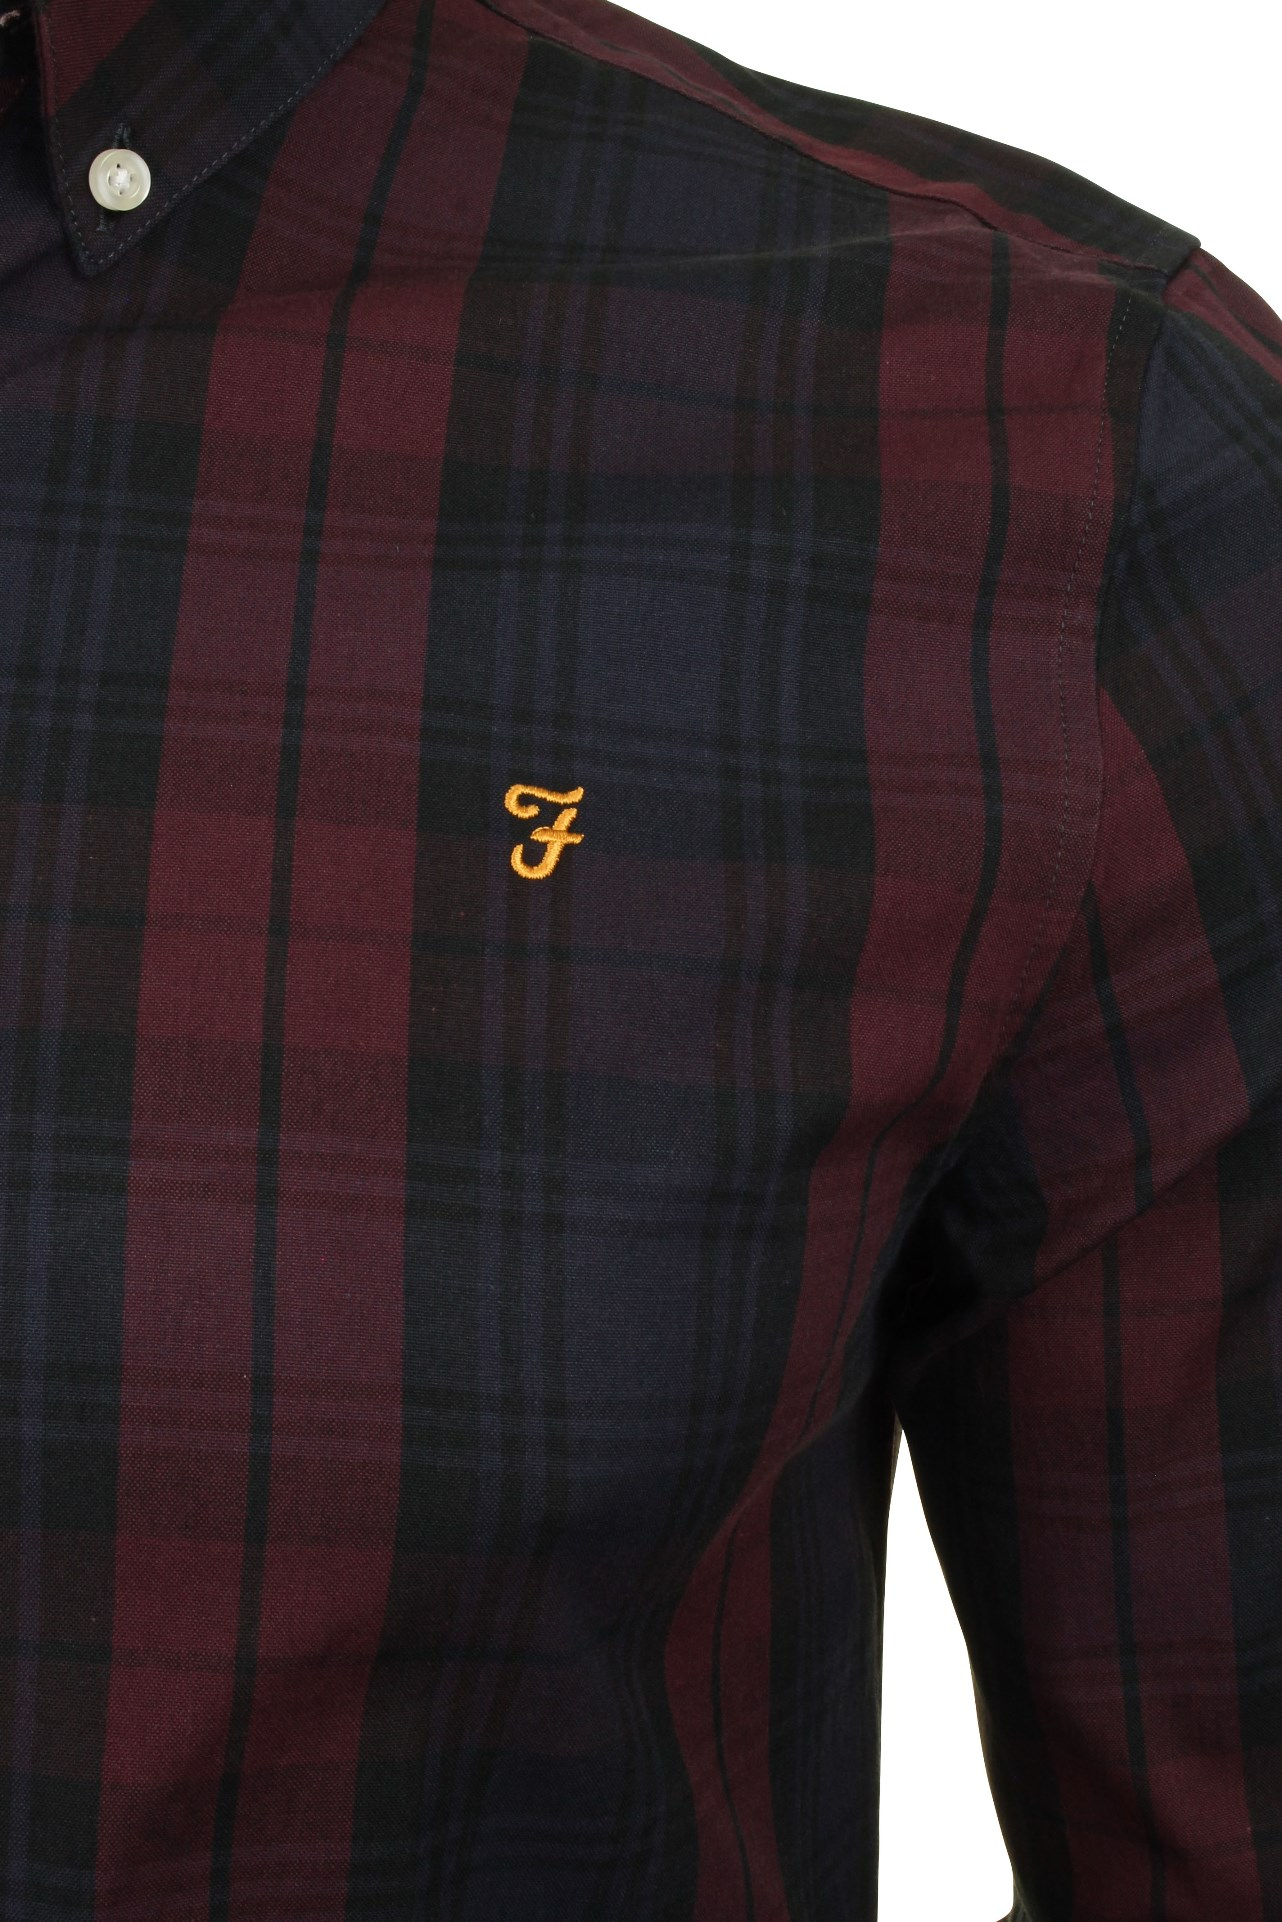 Farah-Mens-Check-Shirt-039-Brewer-Blackwatch-039-Long-Sleeved thumbnail 7